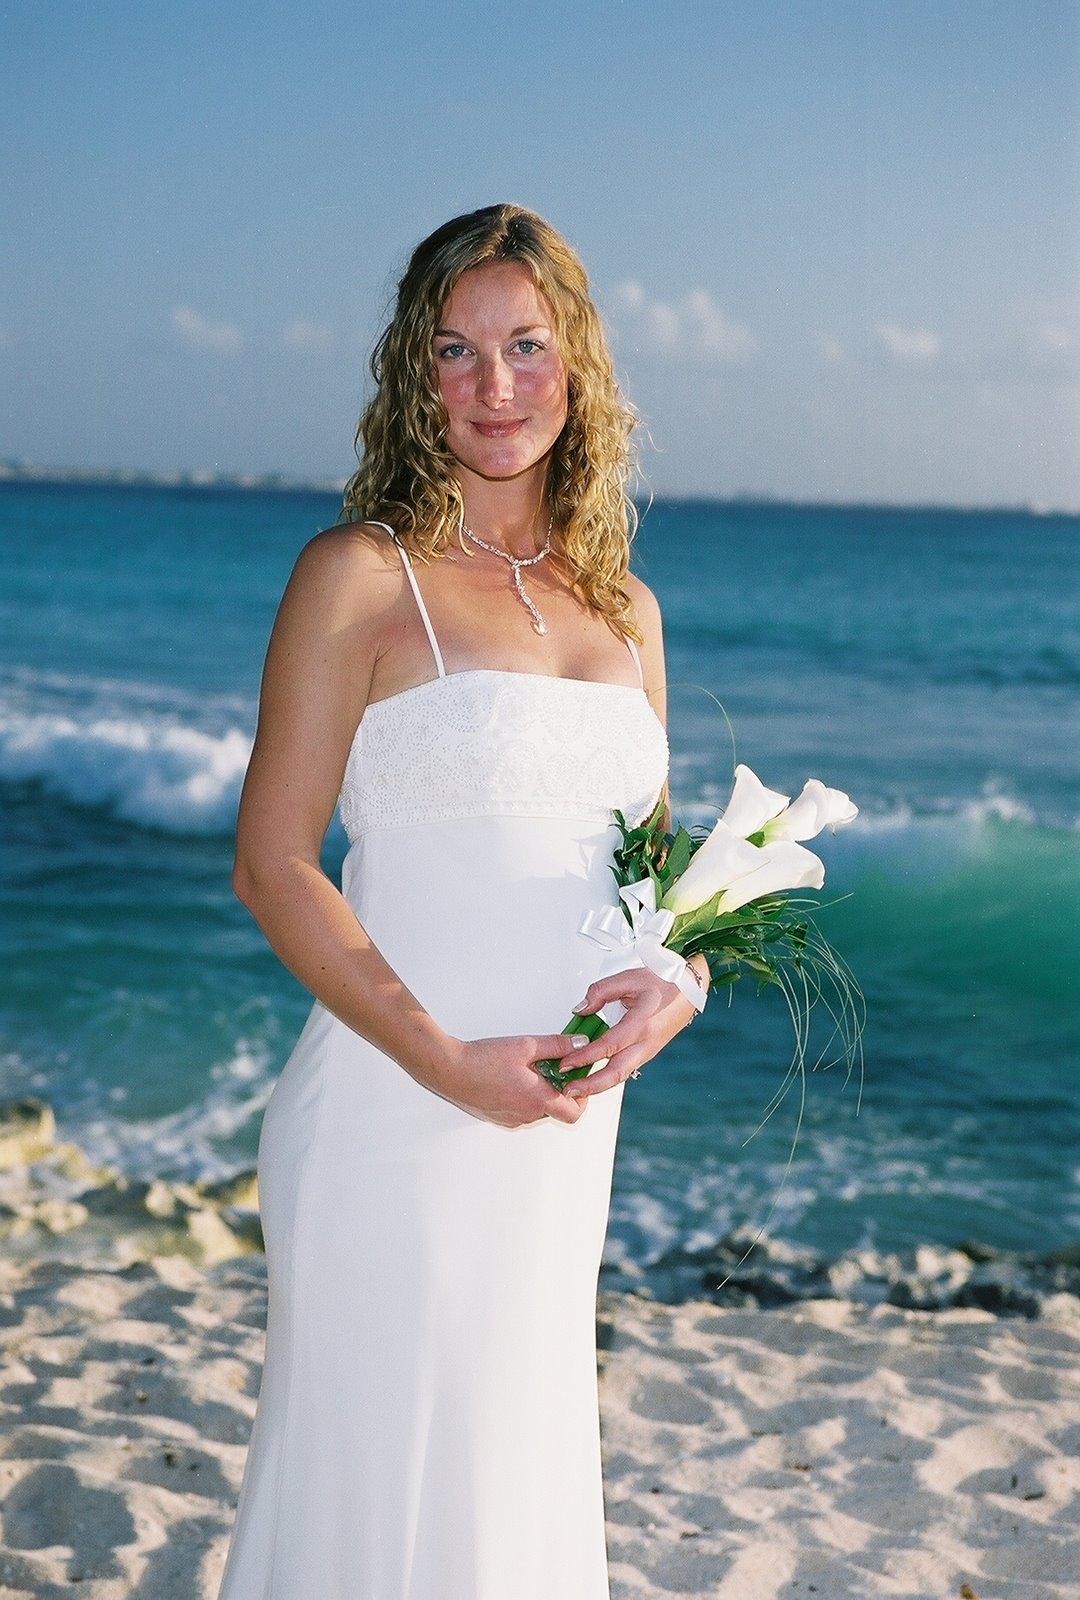 [Bride+with+calla+lilies]